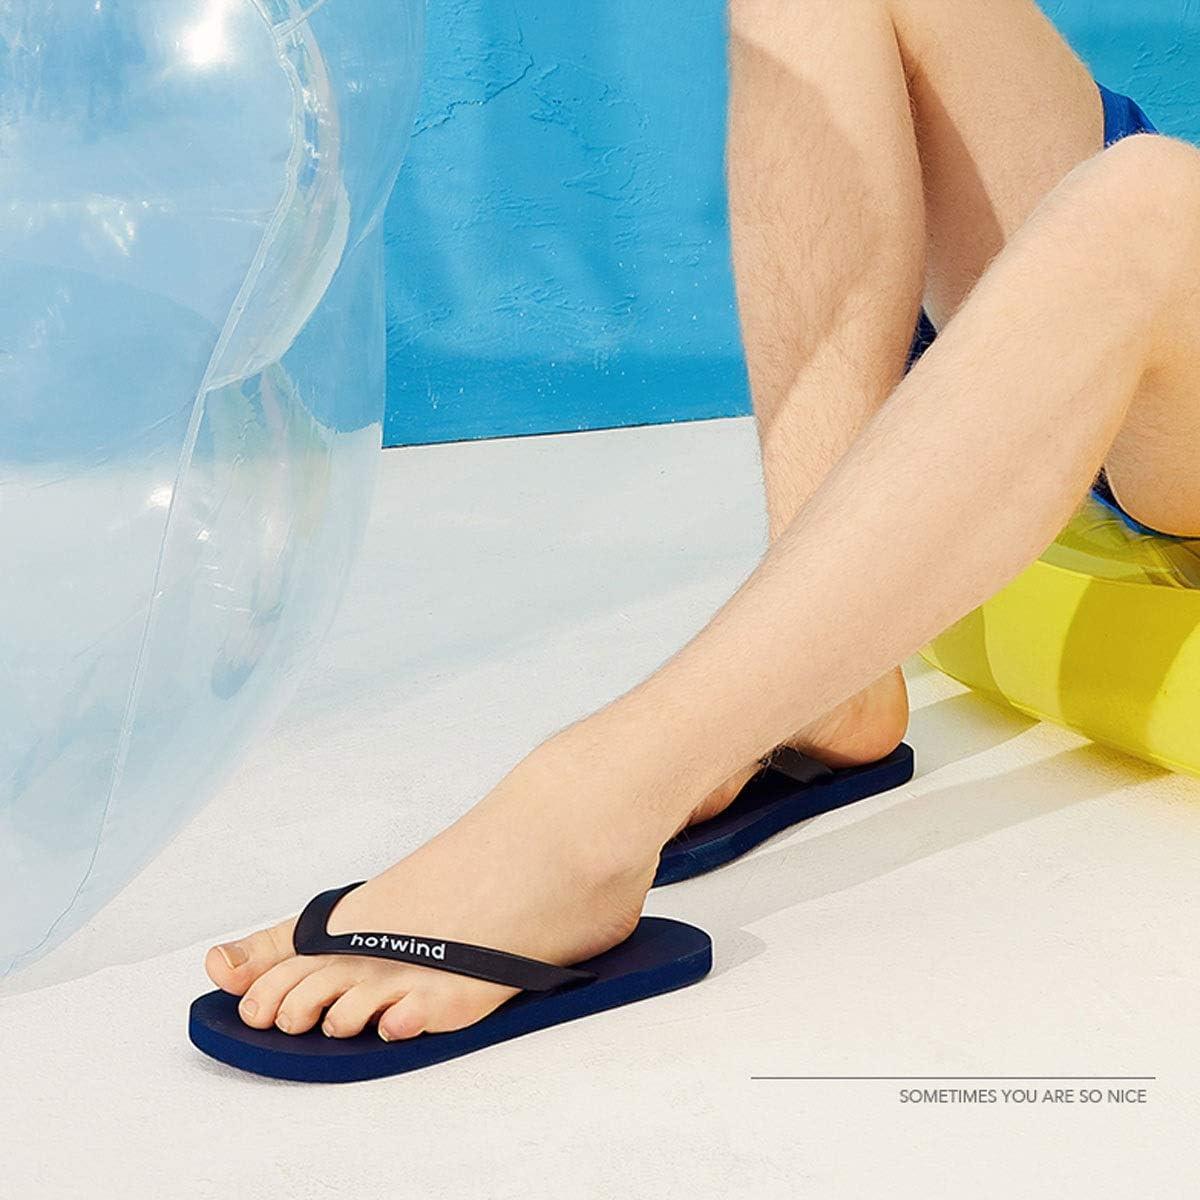 KUQIQI Ciabatte Infradito, Sandali e Ciabattine da Spiaggia alla Moda con Fondo Piatto da Uomo e Donna Prodotti di Alta qualità D